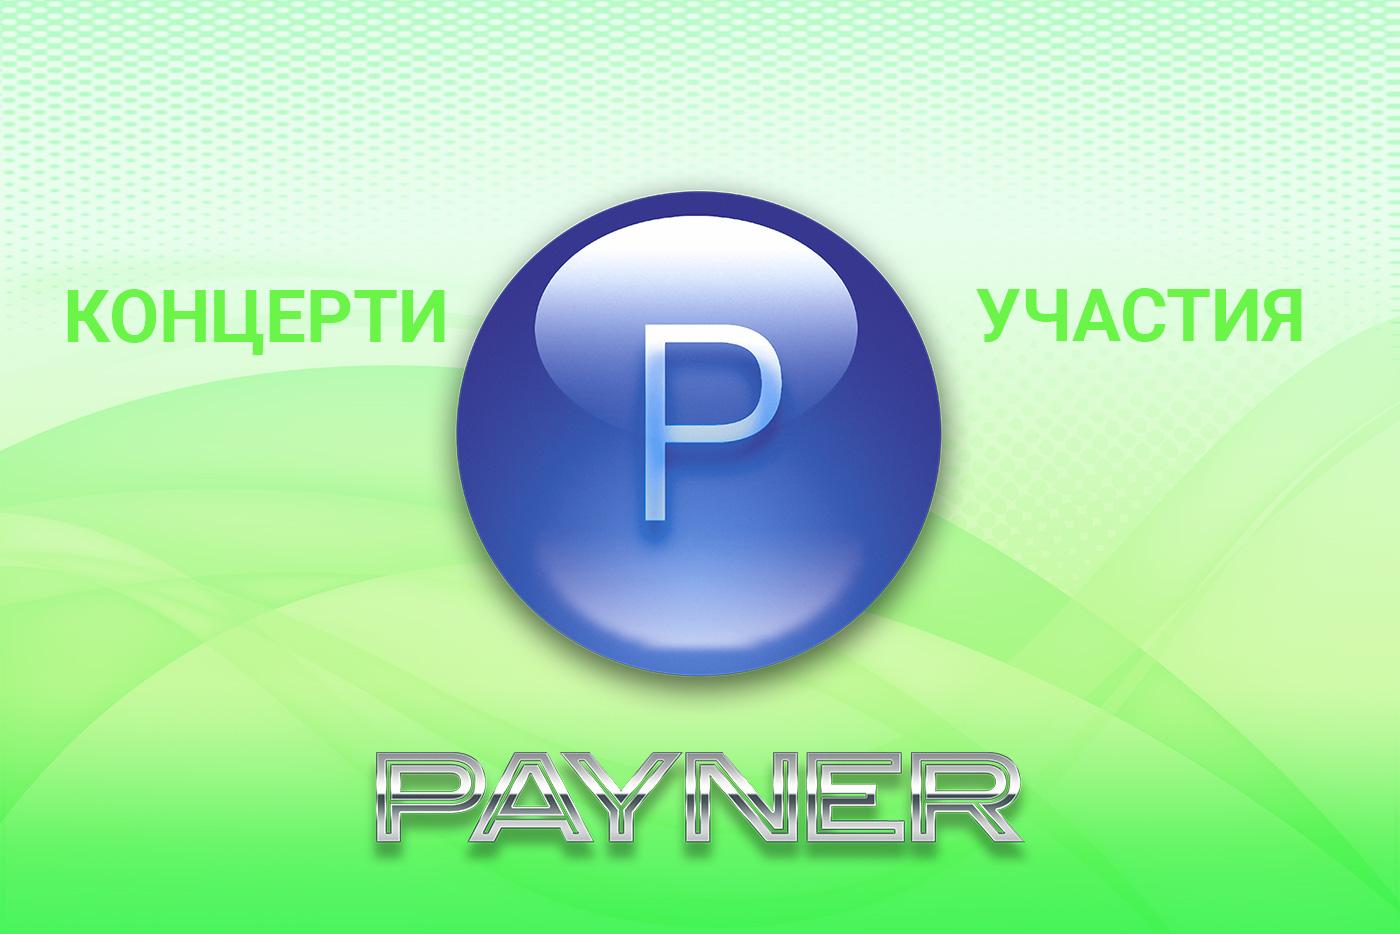 """Участия на звездите на """"Пайнер"""" на 02.07.2020"""